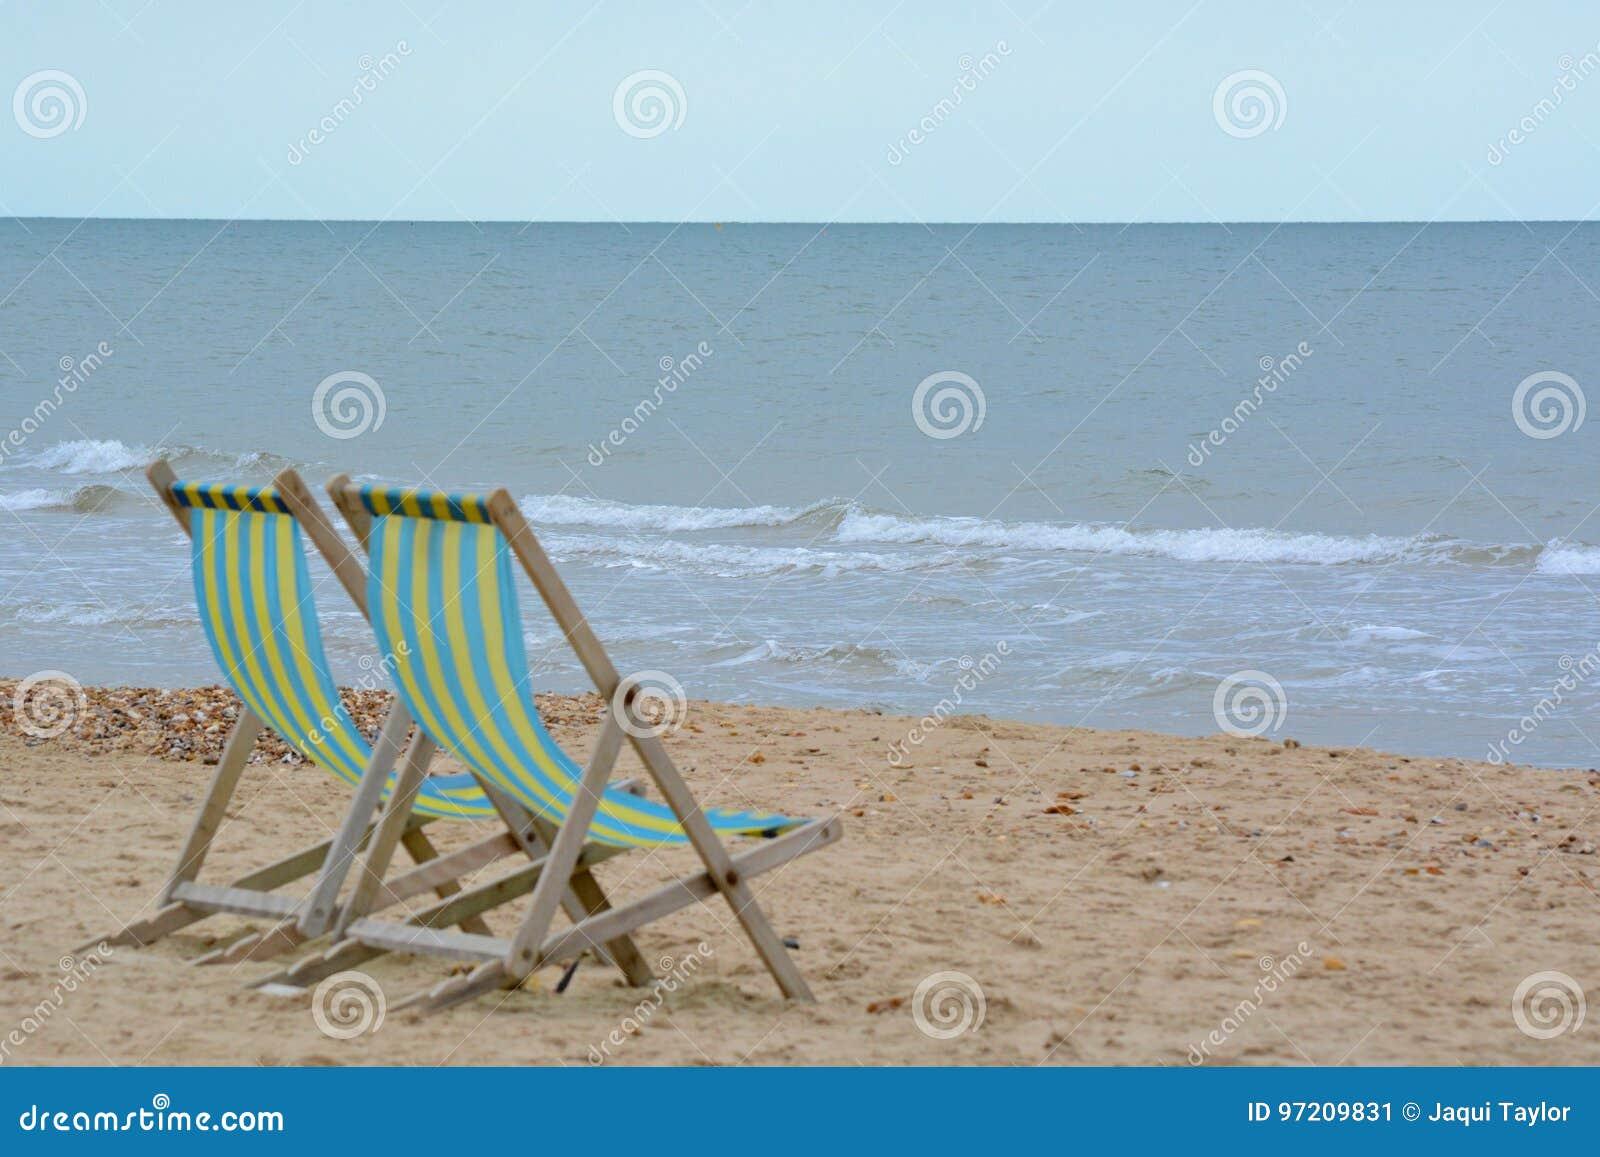 Sedie A Sdraio Per Spiaggia.Due Sedie A Sdraio Sulla Spiaggia Immagine Stock Immagine Di